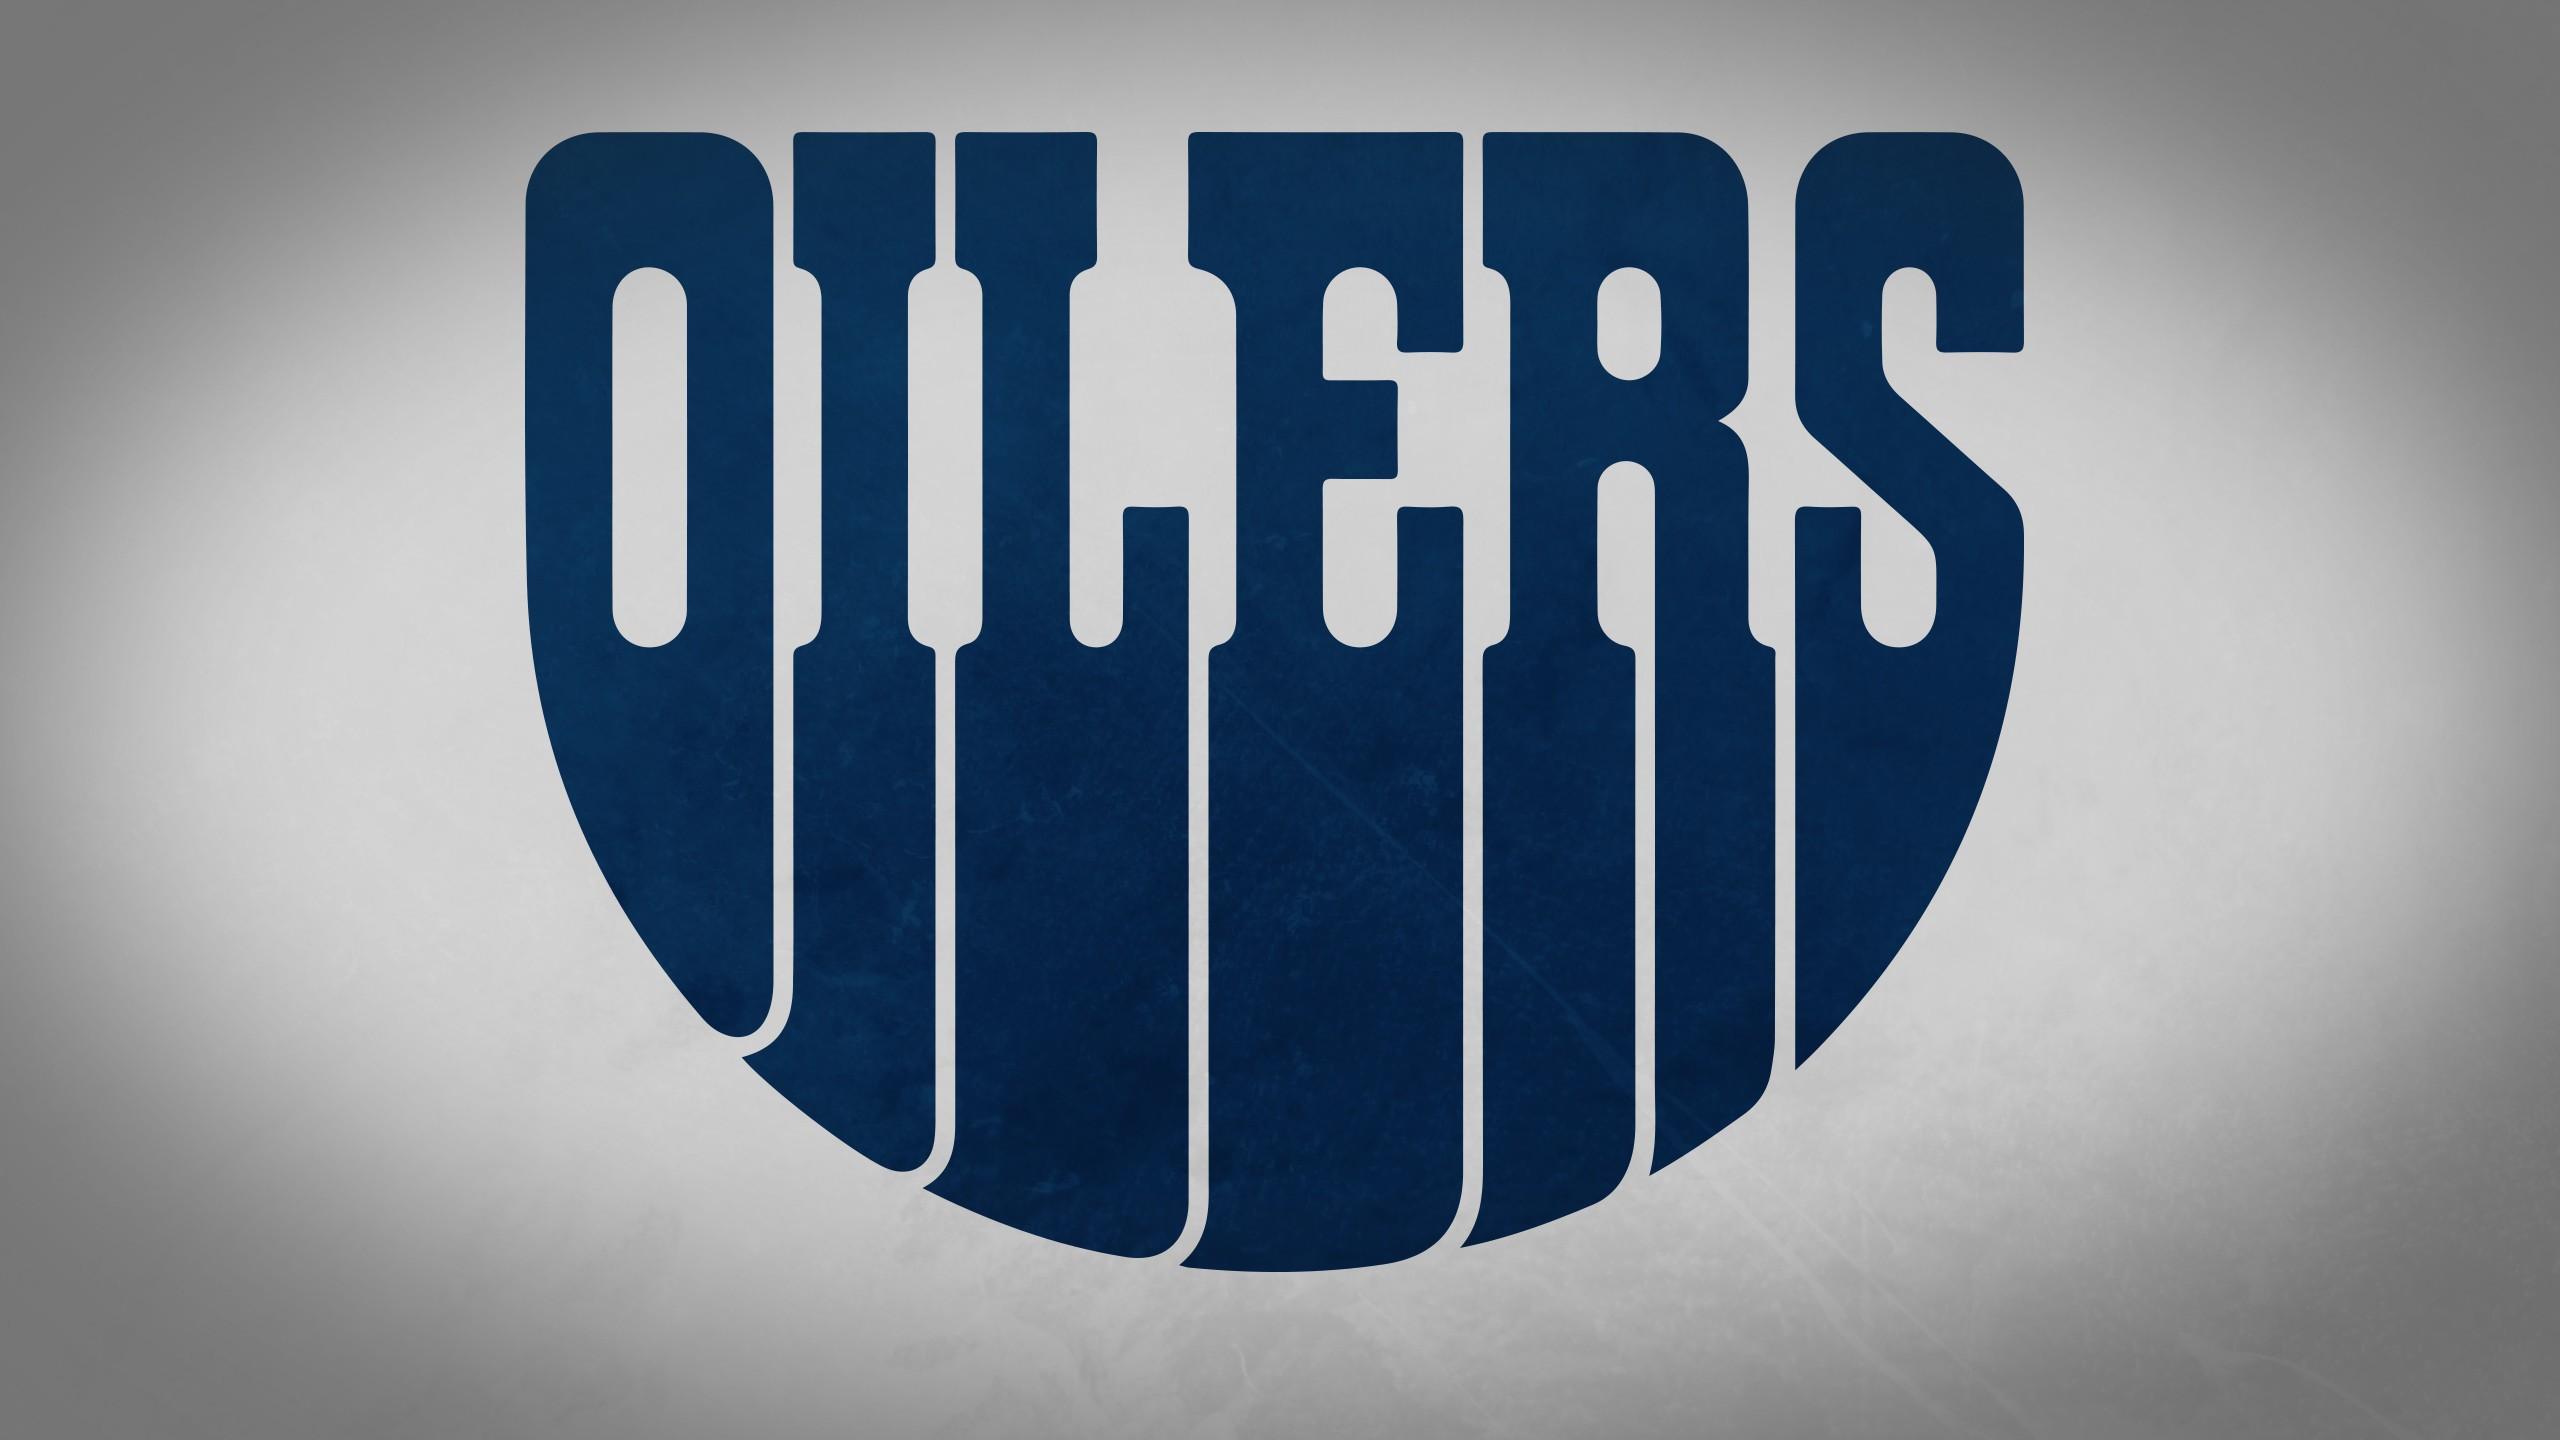 Top Wallpaper Logo Edmonton Oilers - 415090  Picture_244862.jpg